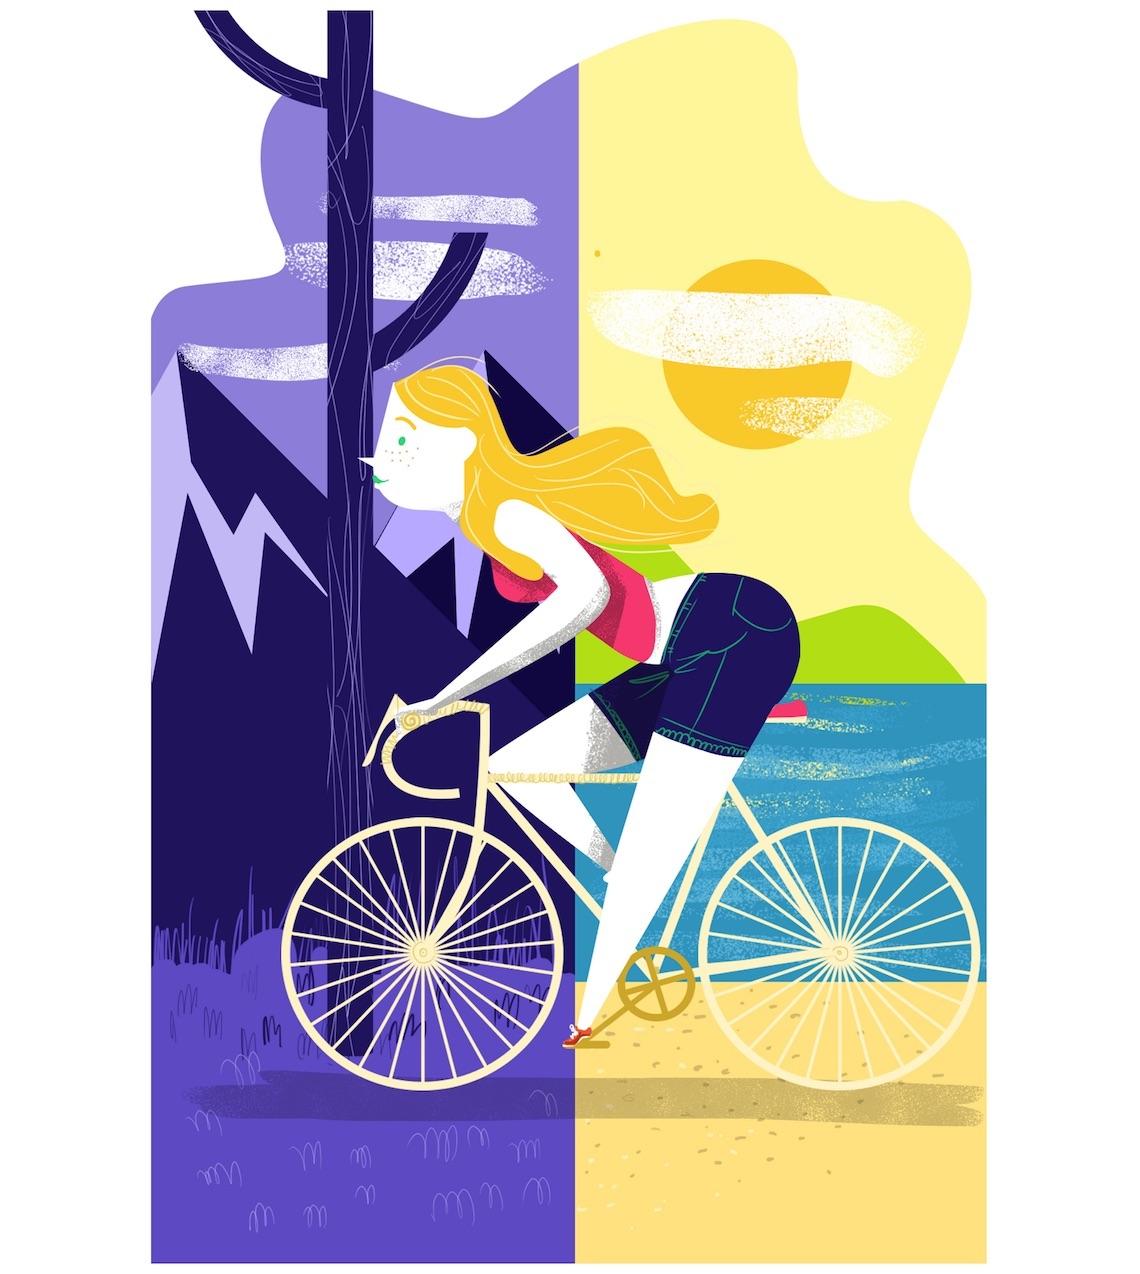 Guillo Castellanos Illustrazioni_Bike_Mèxico_urbancycling_3